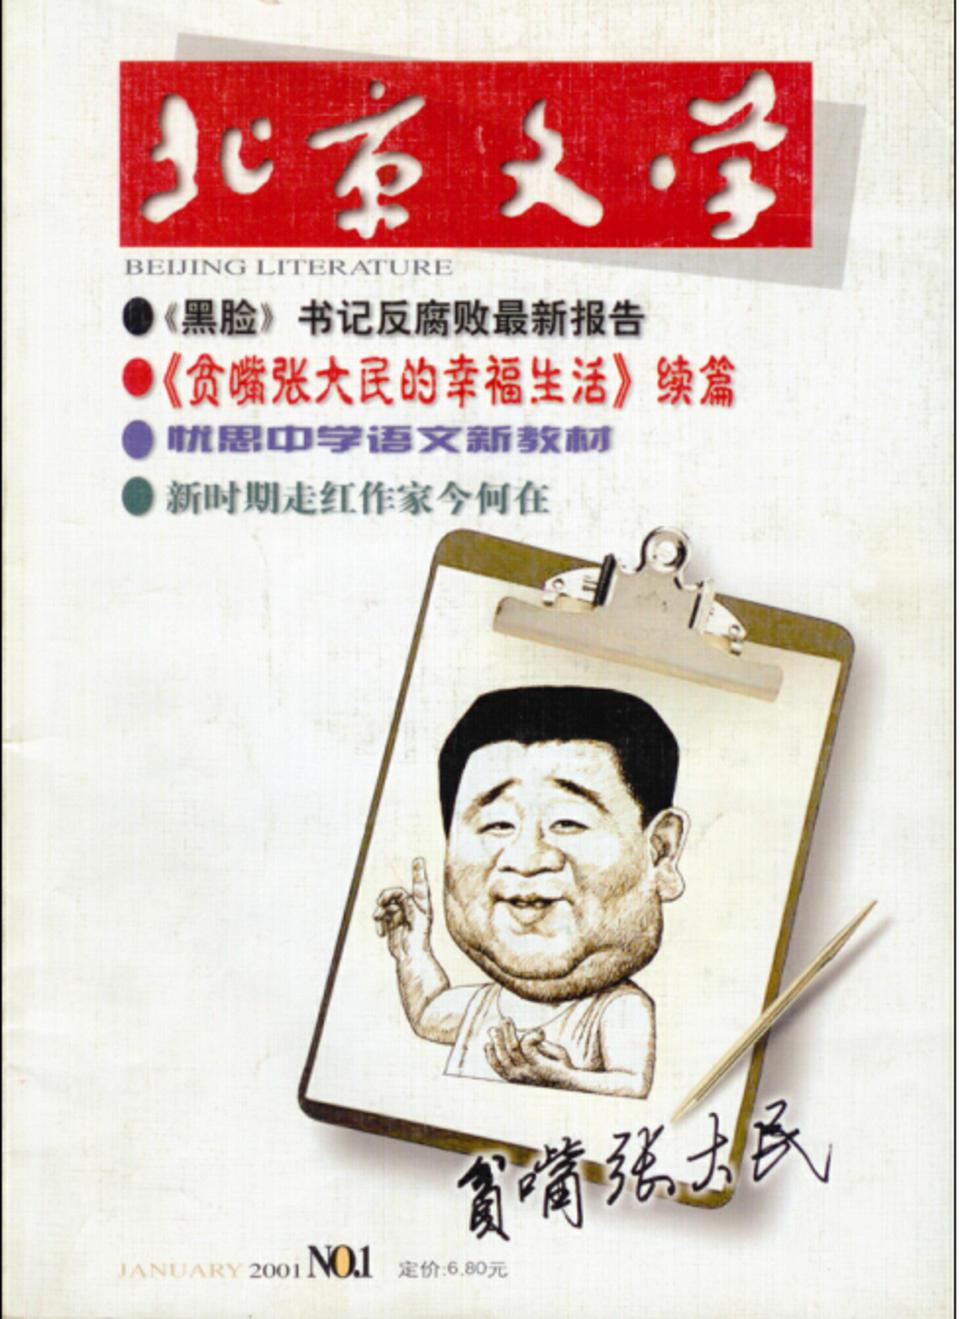 """1997年第10期《北京文学》头条刊发了刘恒的中篇新作《贫嘴张大民的幸福生活》,获得广泛好评,堪称 一部真正意义上的""""好看小说""""。该小说1998年8月获北京市首届文学艺术奖,小说改编成电影、电视后, 反响强烈。"""